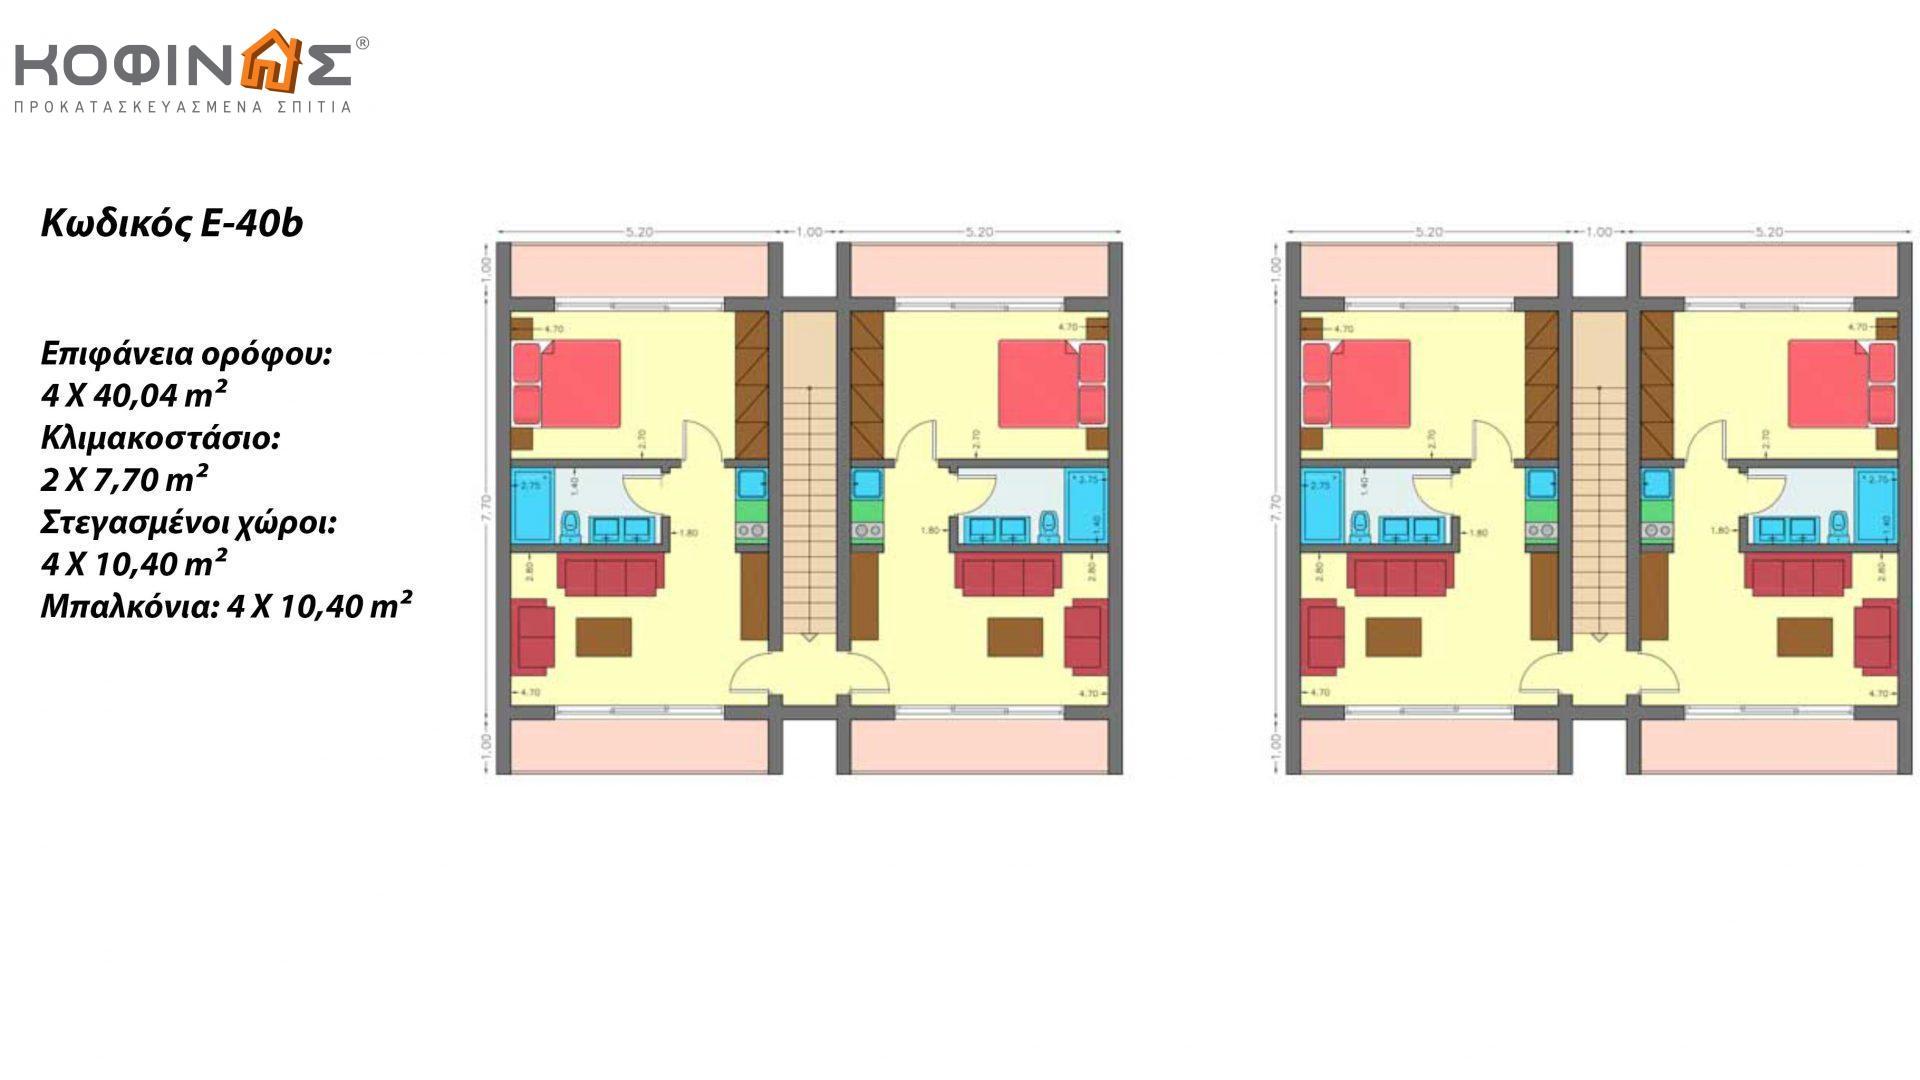 Συγκρότημα Κατοικιών E-40b, συνολικής επιφάνειας οικιών 8×40,04 & κλιμακοστασίων 4×7,70 = 351,12 τ.μ. , συνολική επιφάνεια στεγασμένων χώρων 83.20 τ.μ., μπαλκόνια 41,6 τμ